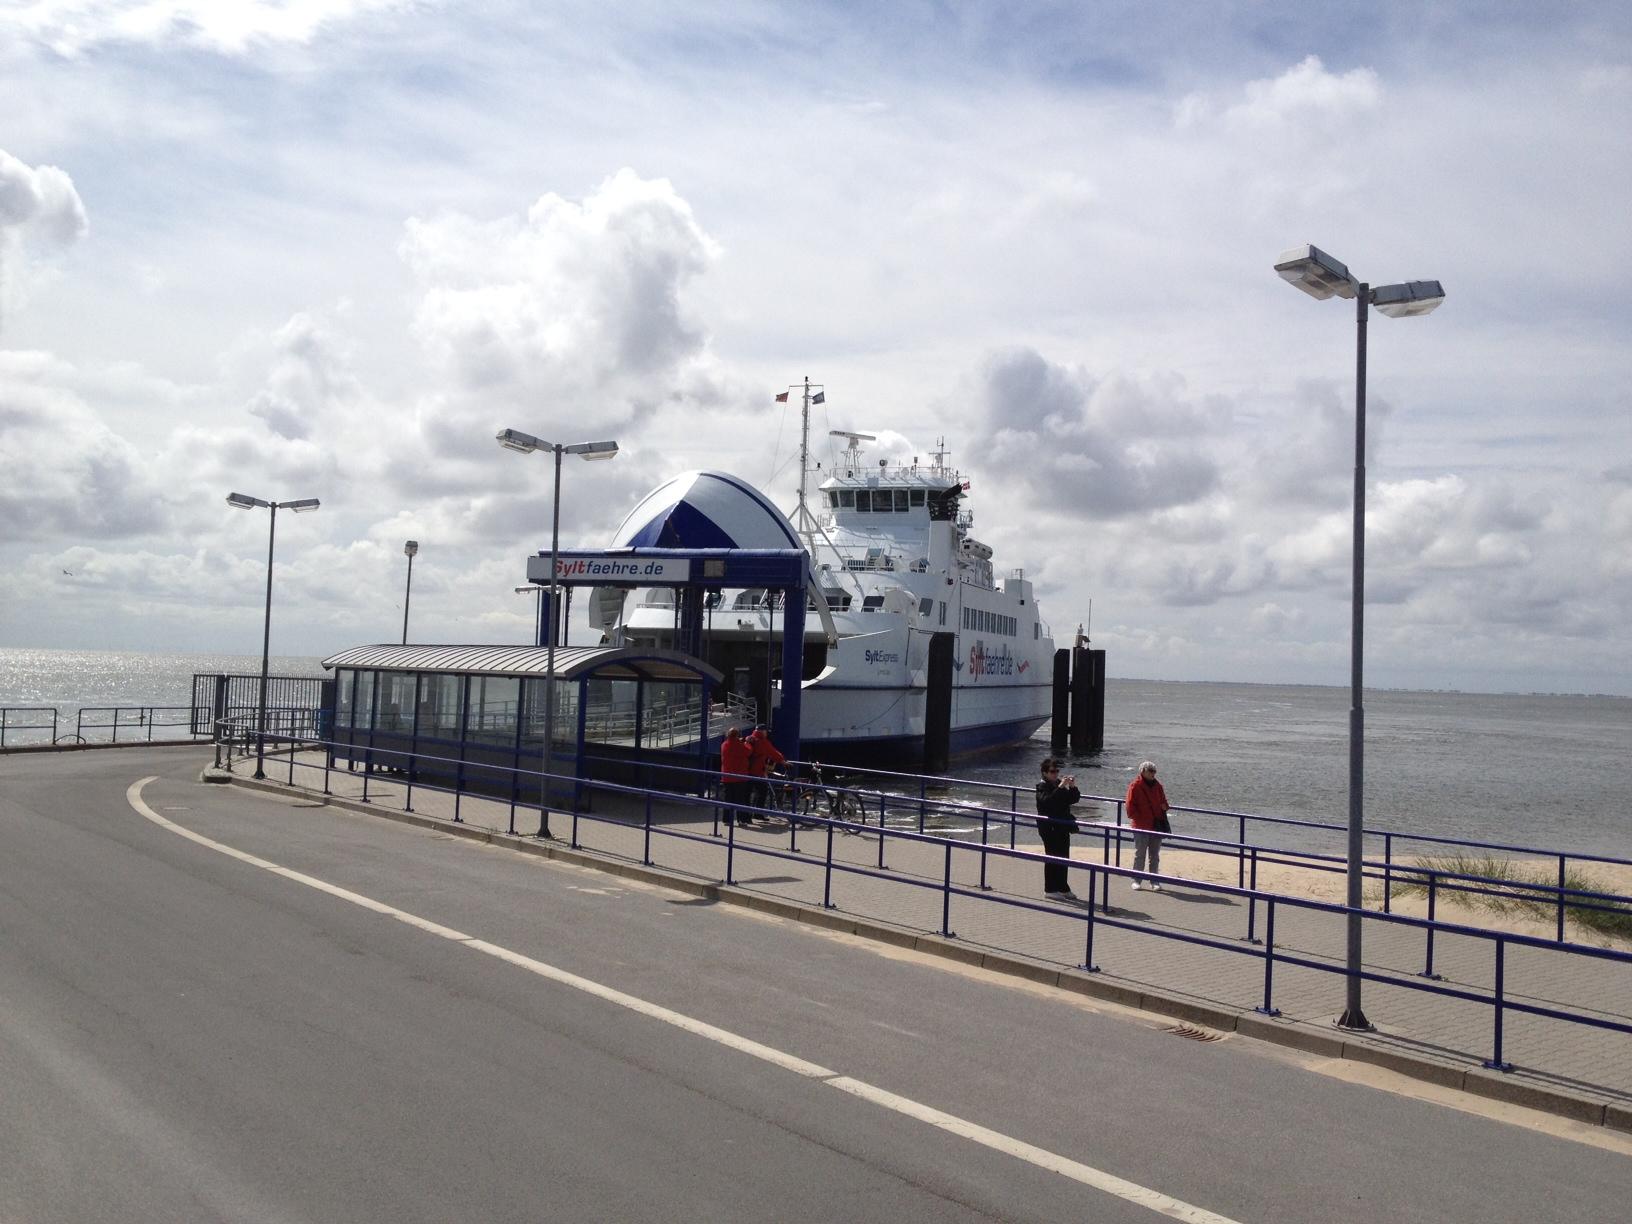 Webcam: Livebilder vom Fähranleger am Lister Hafen